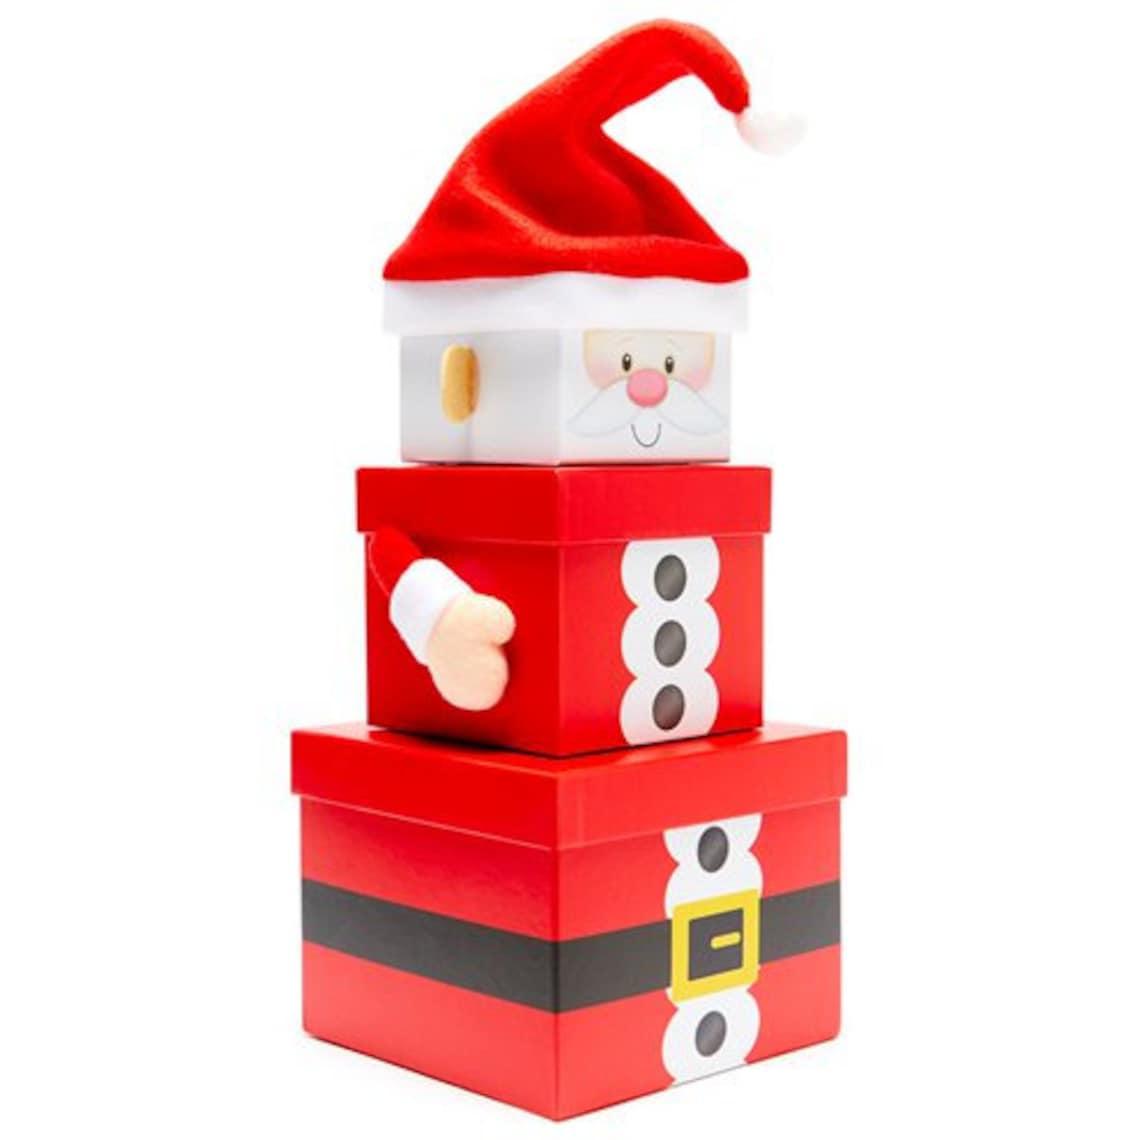 Santa Christmas Gift Box Set Christmas Gift Boxes Christmas image 0